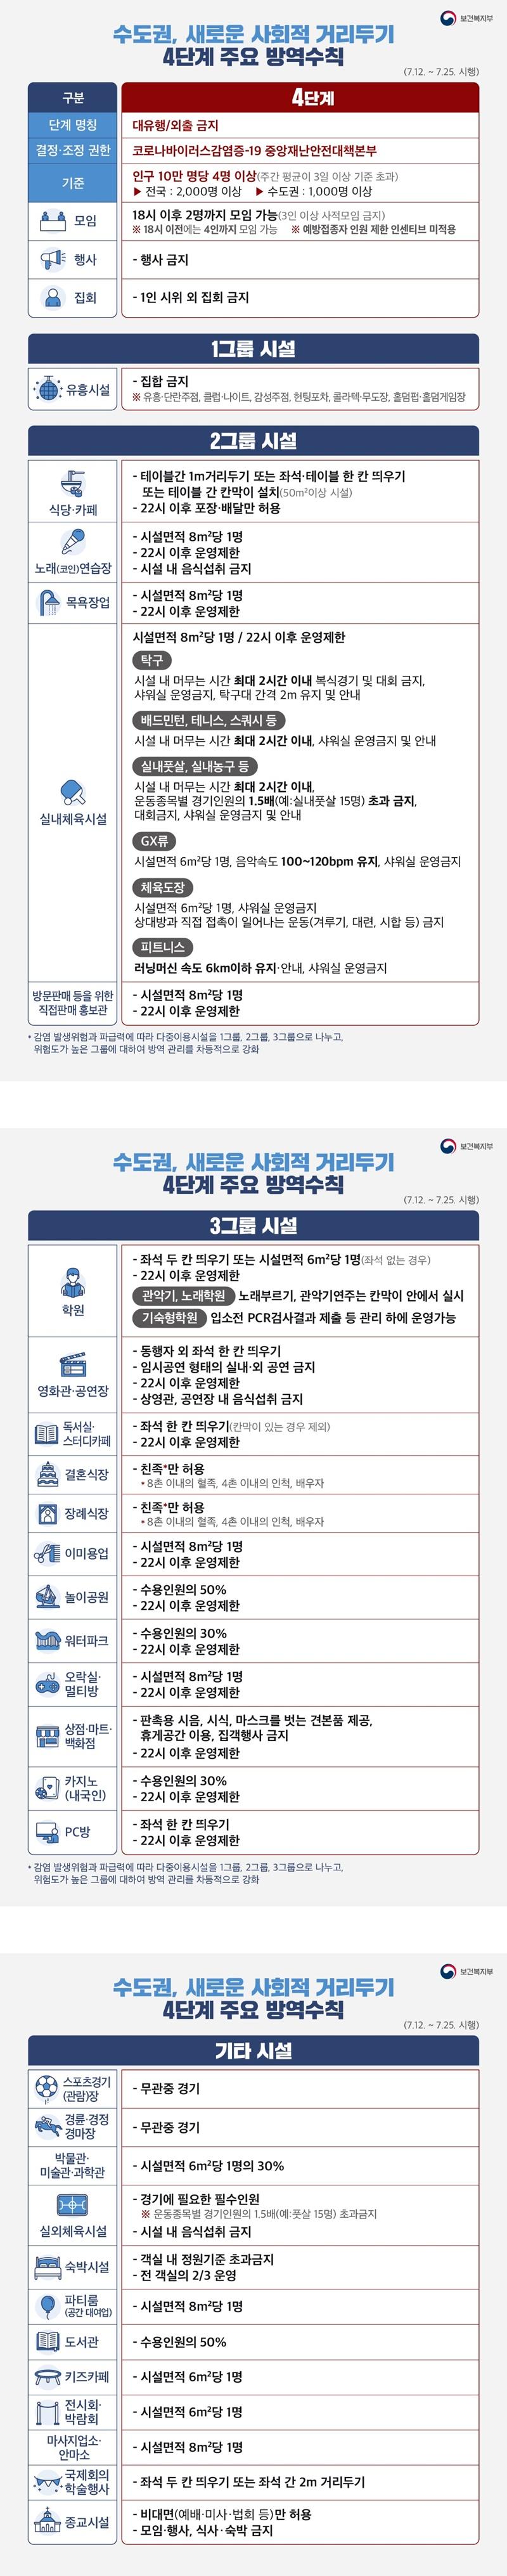 수도권 새로운 사회적 거리두기 '시설별 4단계 주요 방역수칙'